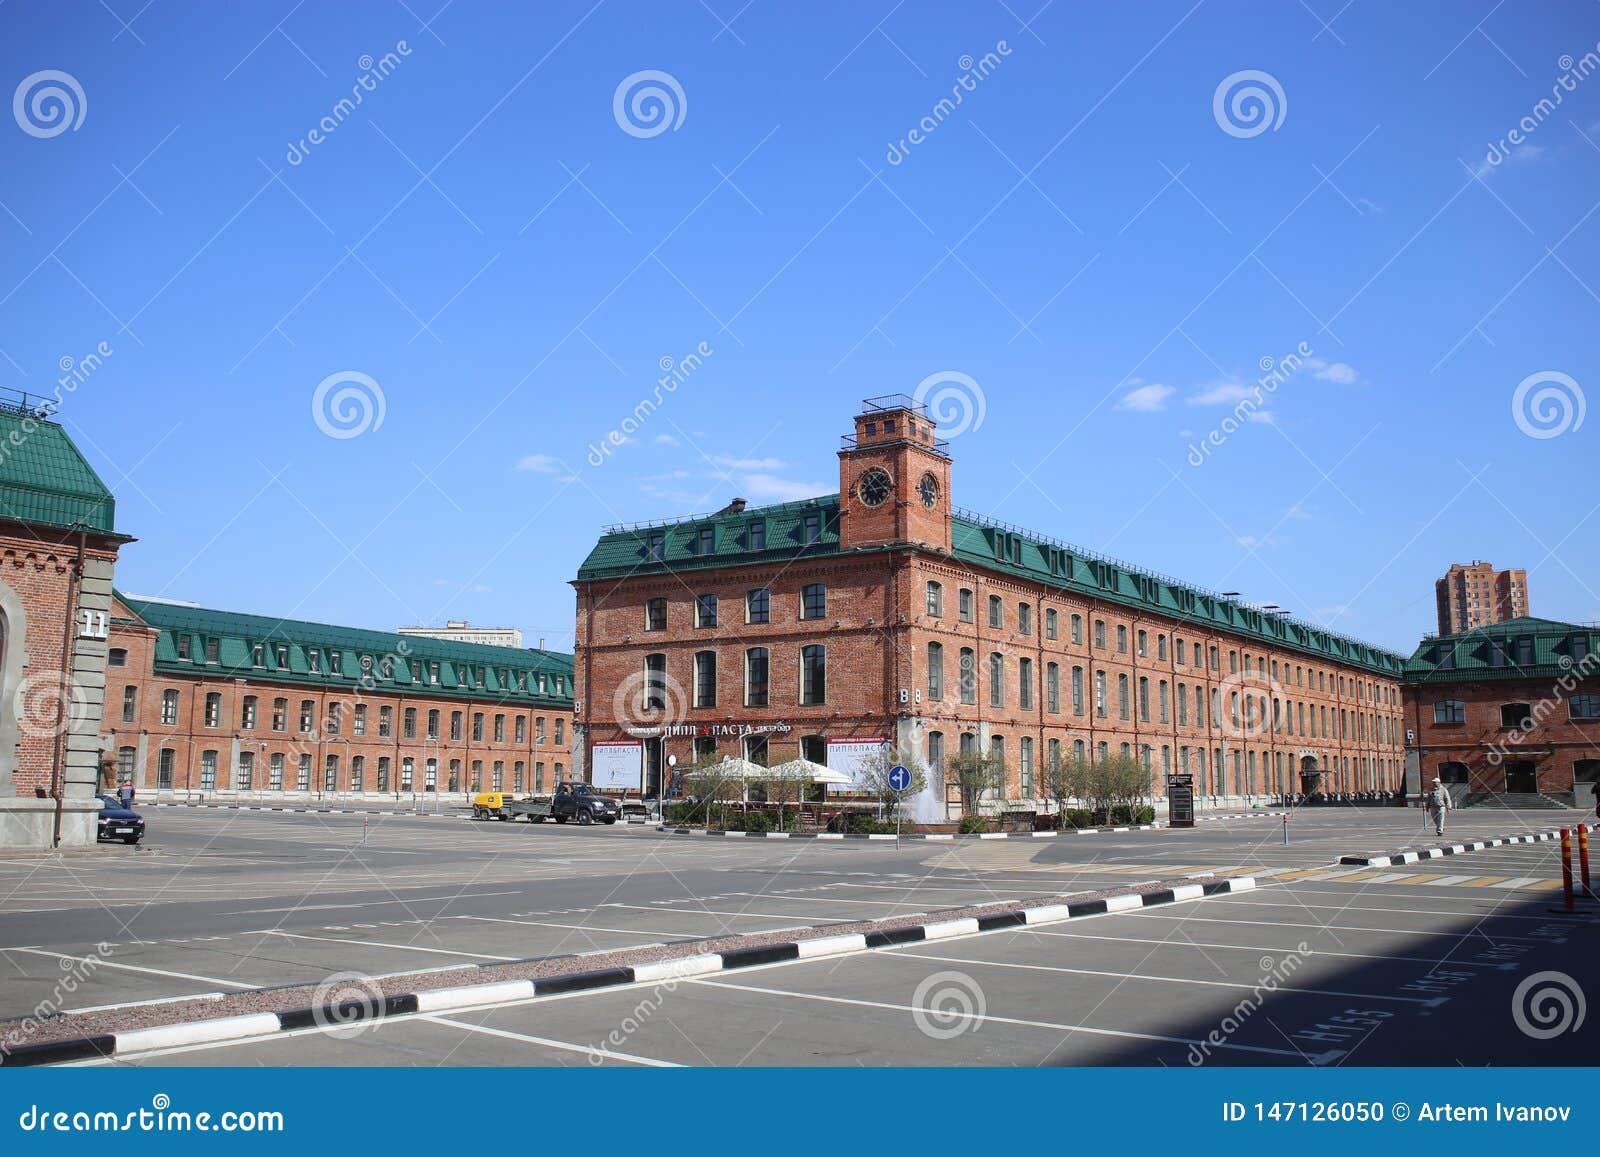 Il quartiere degli affari Novospassky, situato nelle costruzioni rinnovate di precedente fabbrica